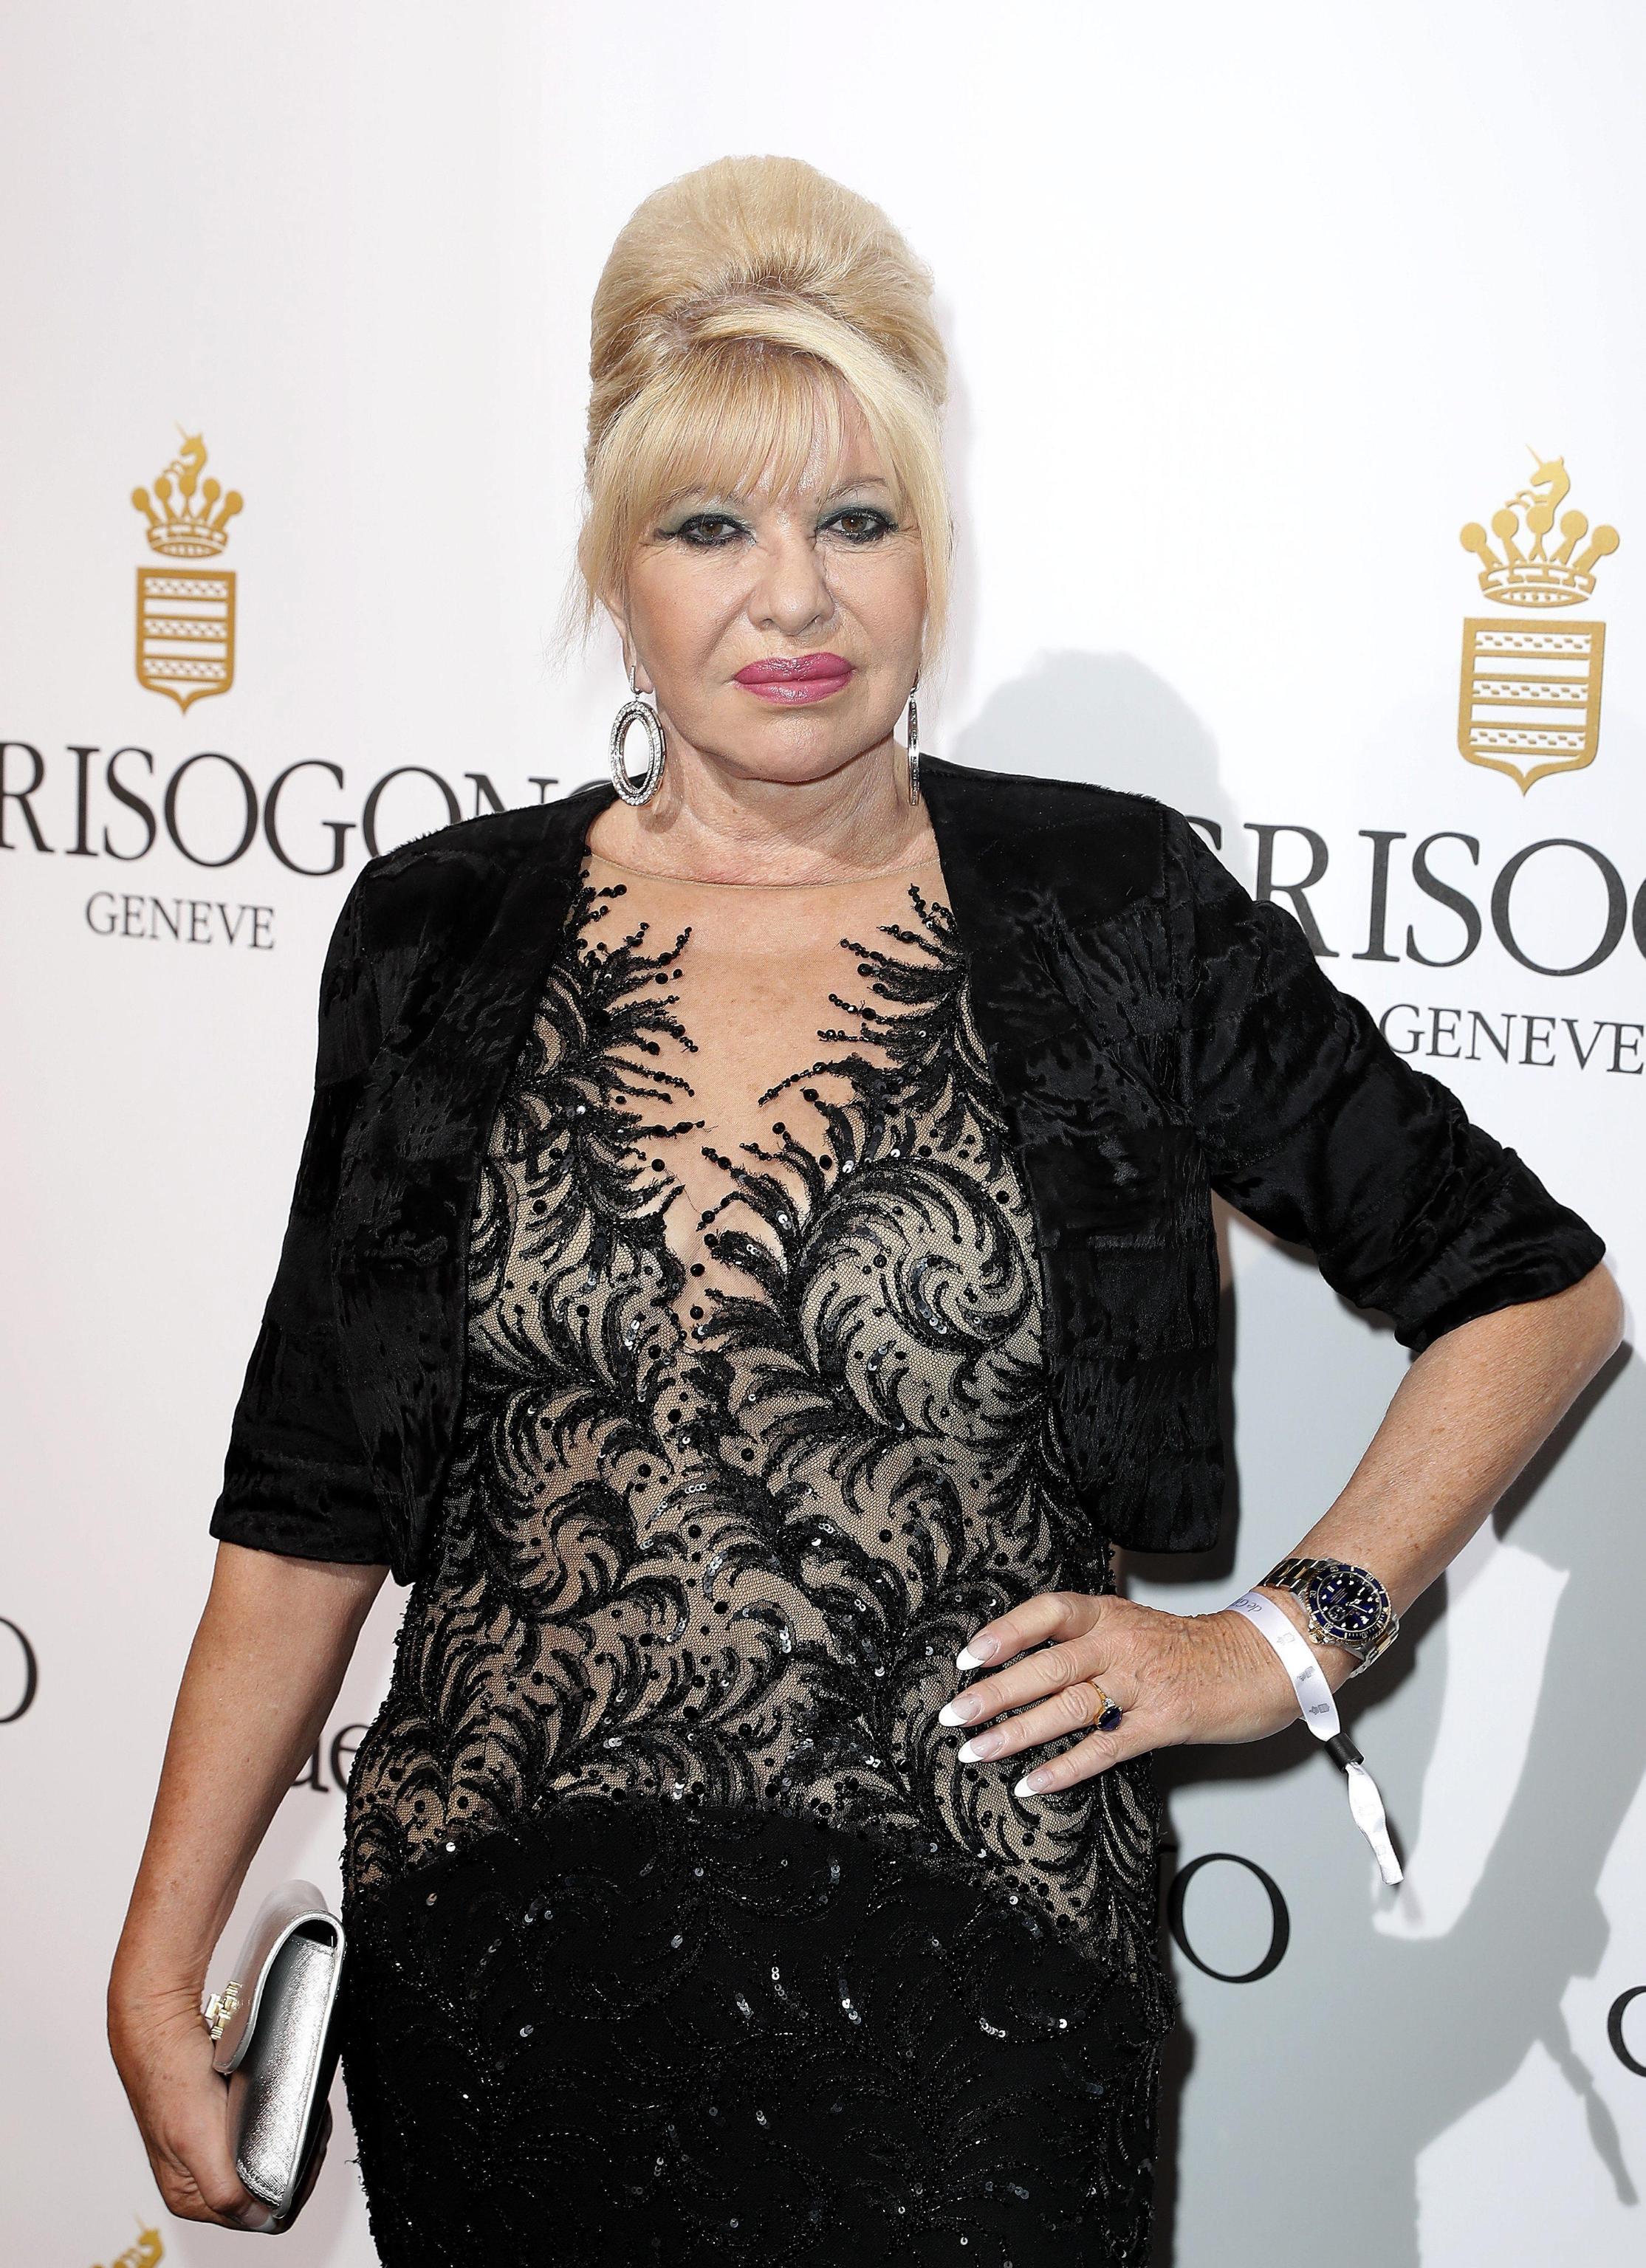 De Grisogono Party 69th Cannes Film Festival